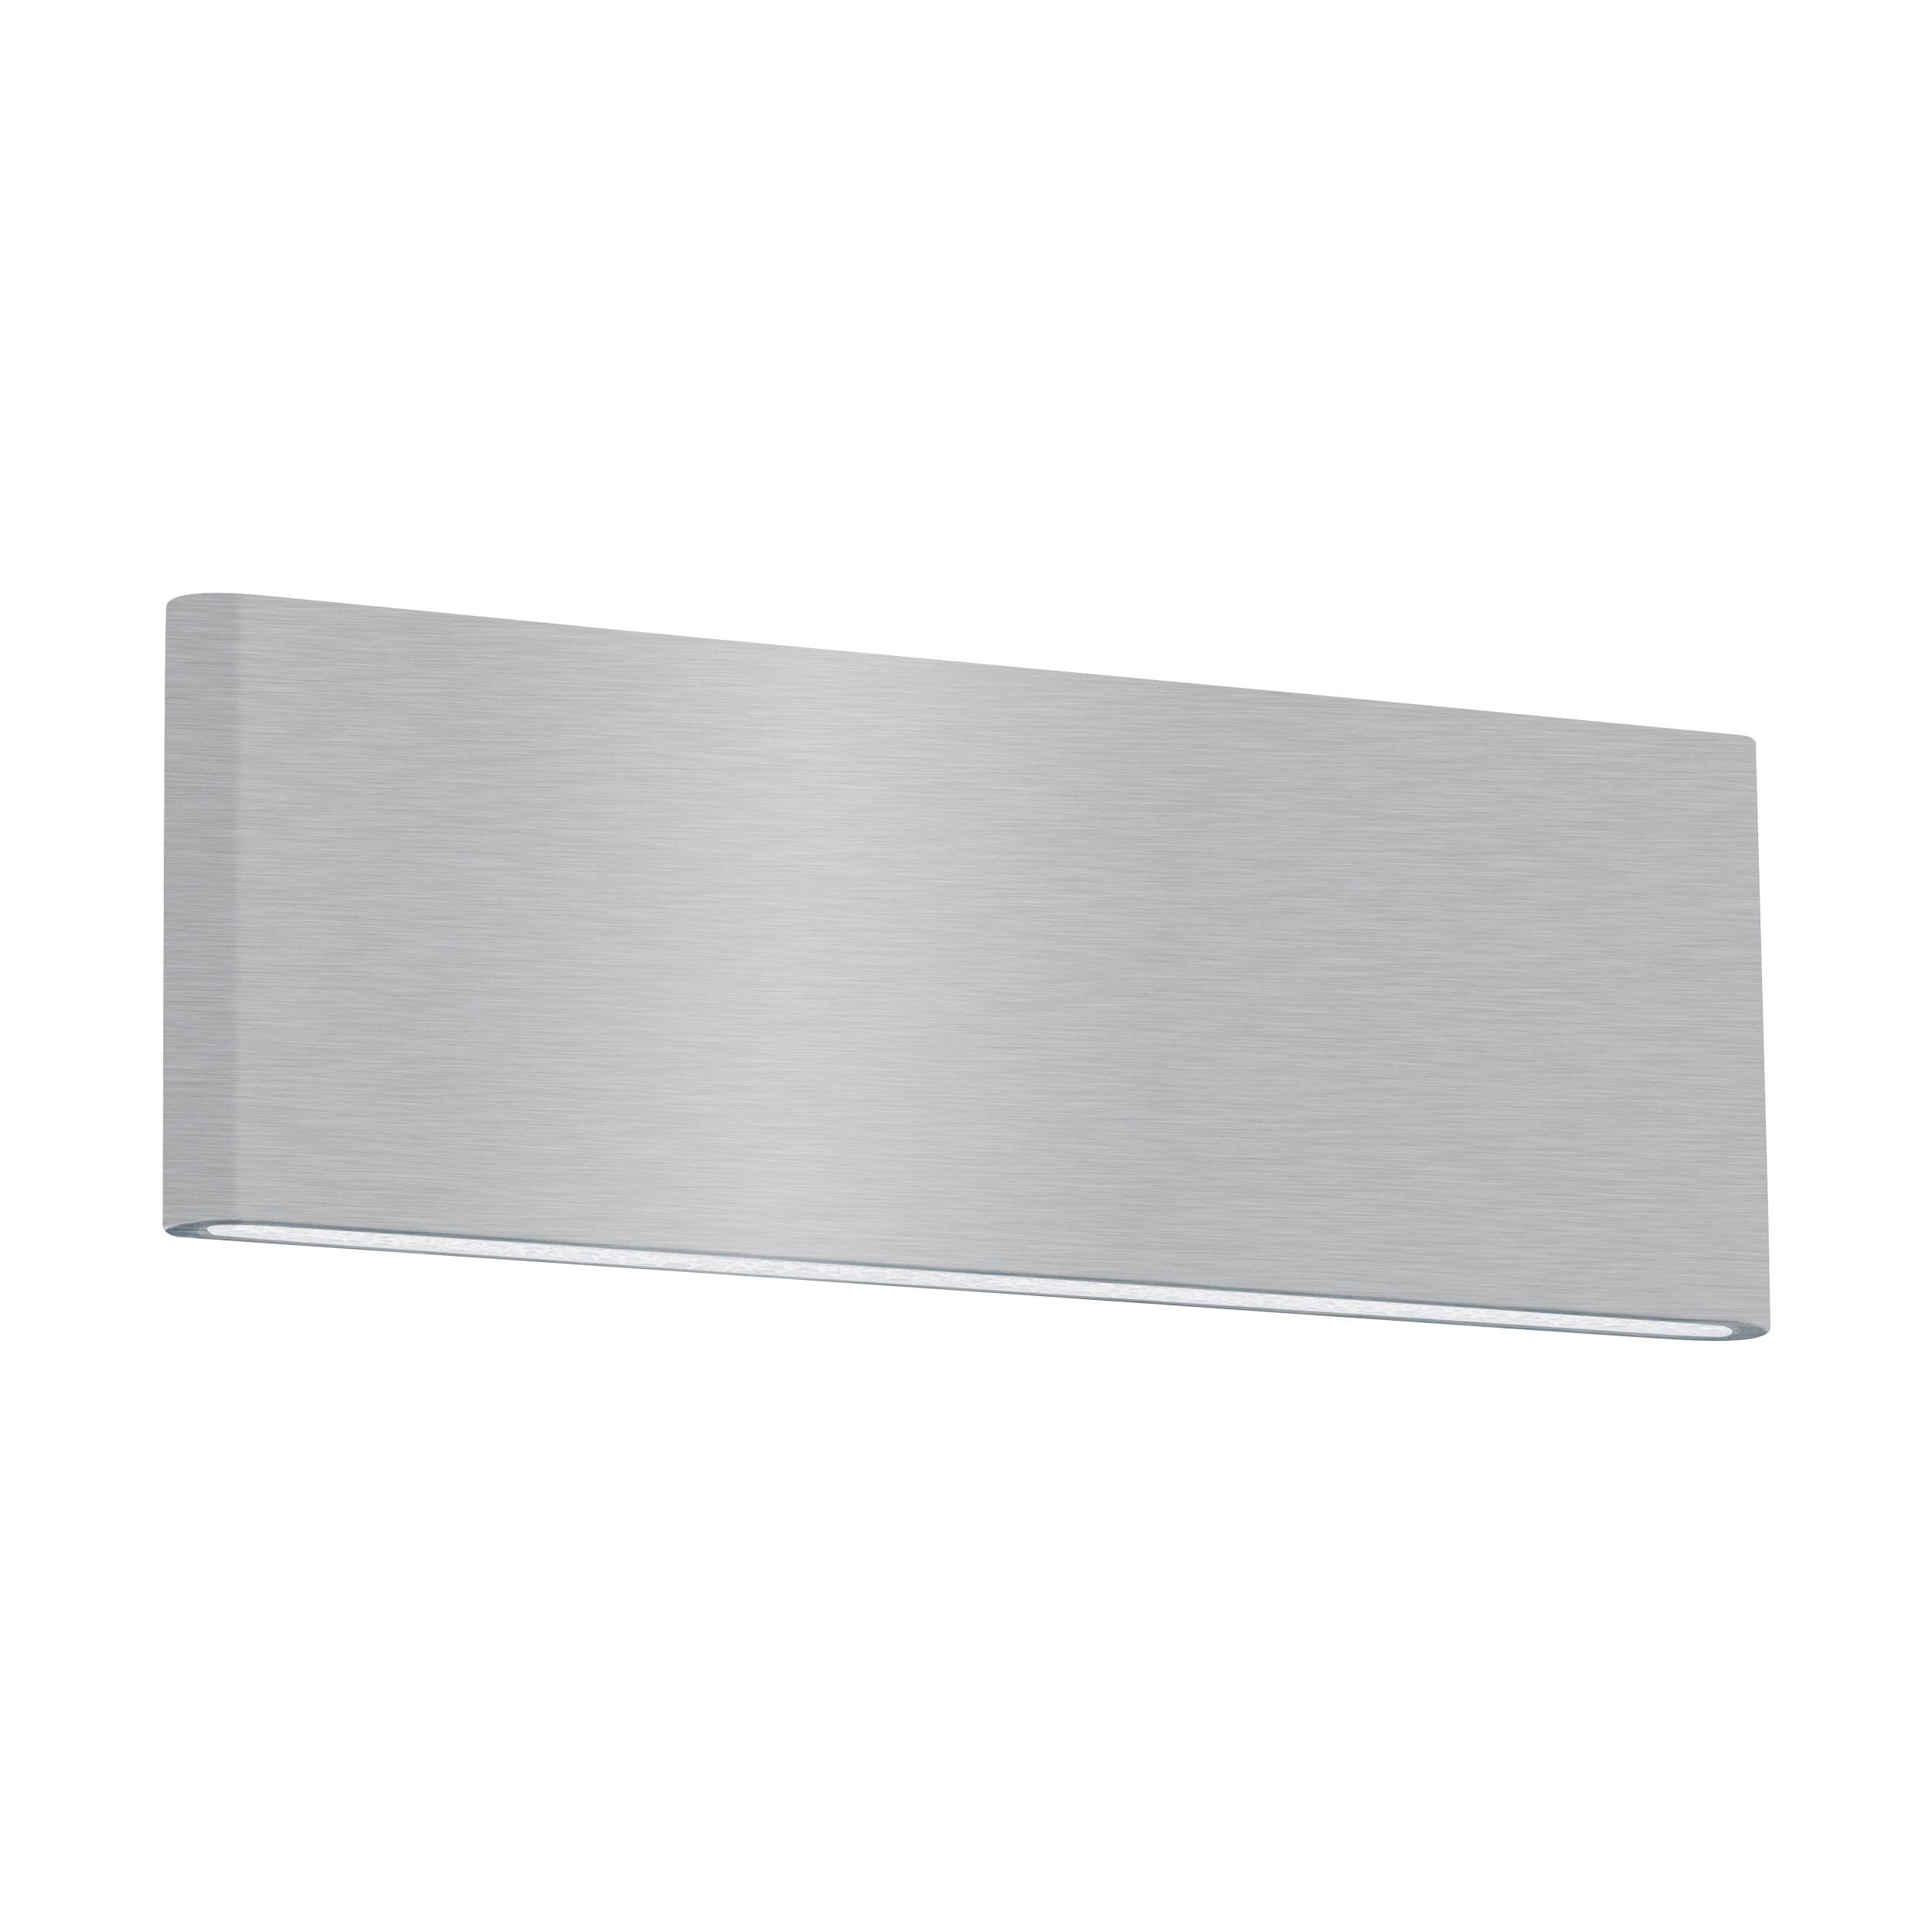 1 Stk Climene Pro D/I 2x4,2W 3000K Aluminium gebürstet IP20 LI64025---